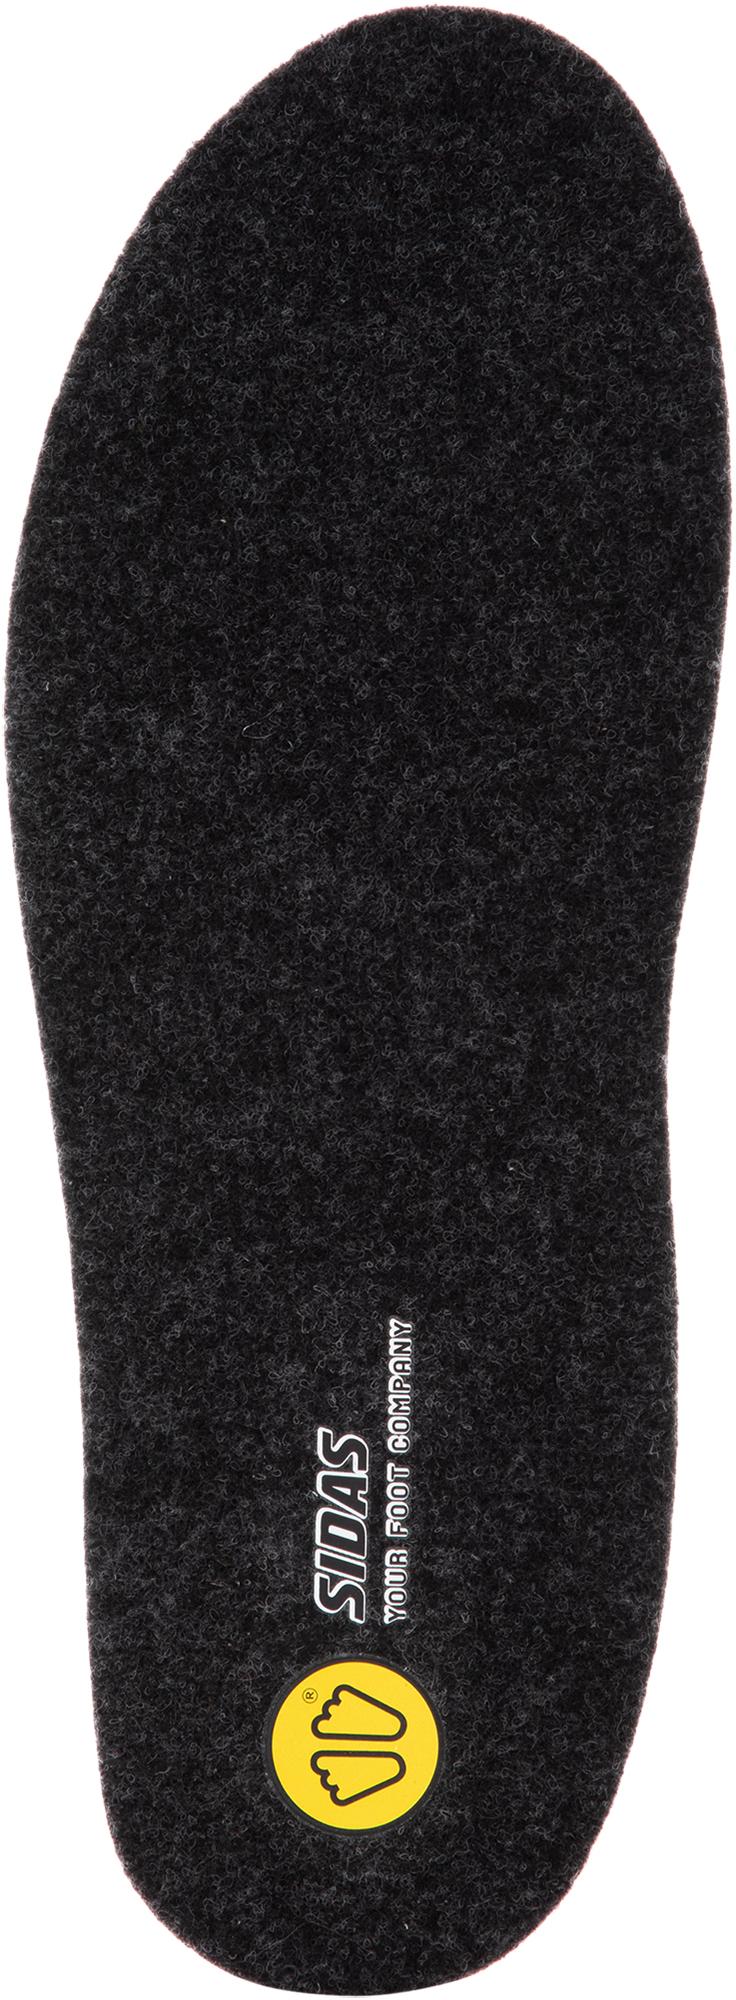 Стельки Sidas Custom Comfort Merino, размер 42-43.5